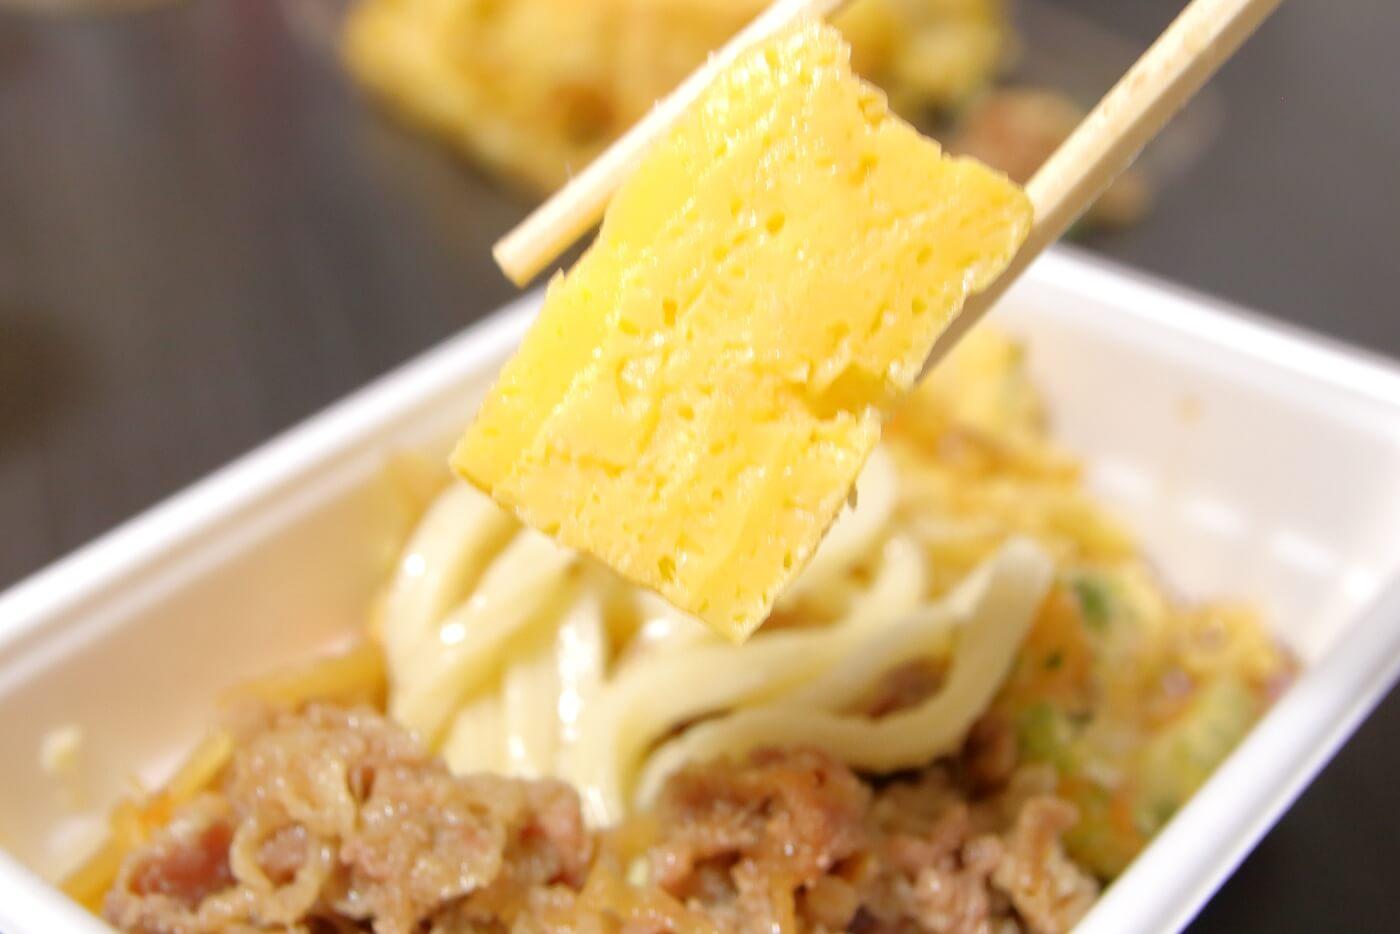 丸亀製麺 うどん弁当 卵焼き